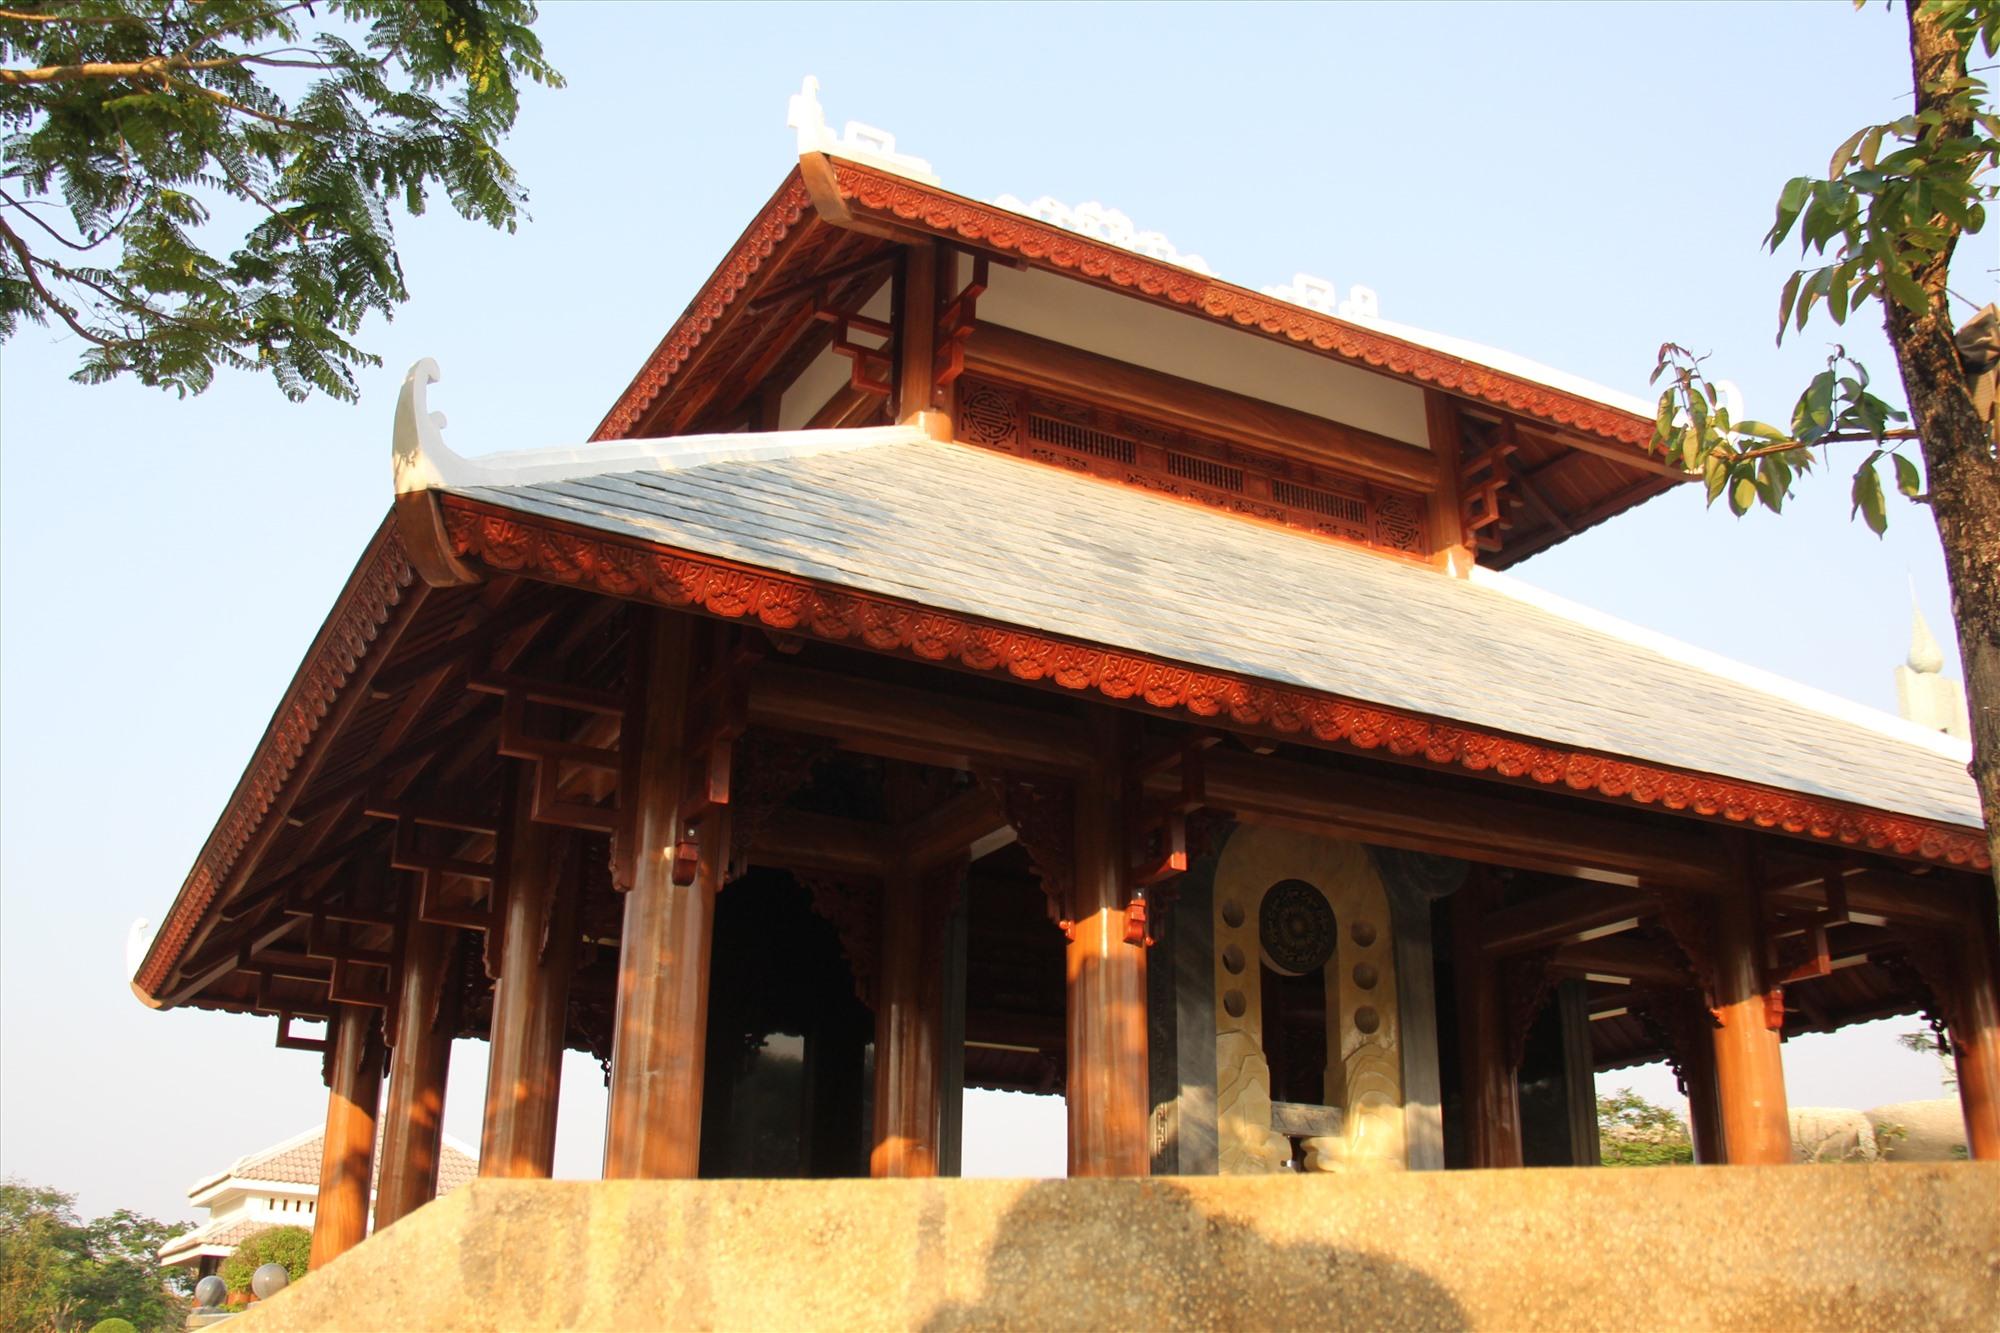 Công trình nhà bia được mô phỏng theo Nhà bia Vĩnh Lăng ở Khu di tích quốc gia đặc biệt Lam Kinh (tỉnh Thanh Hóa). Ảnh: A.N